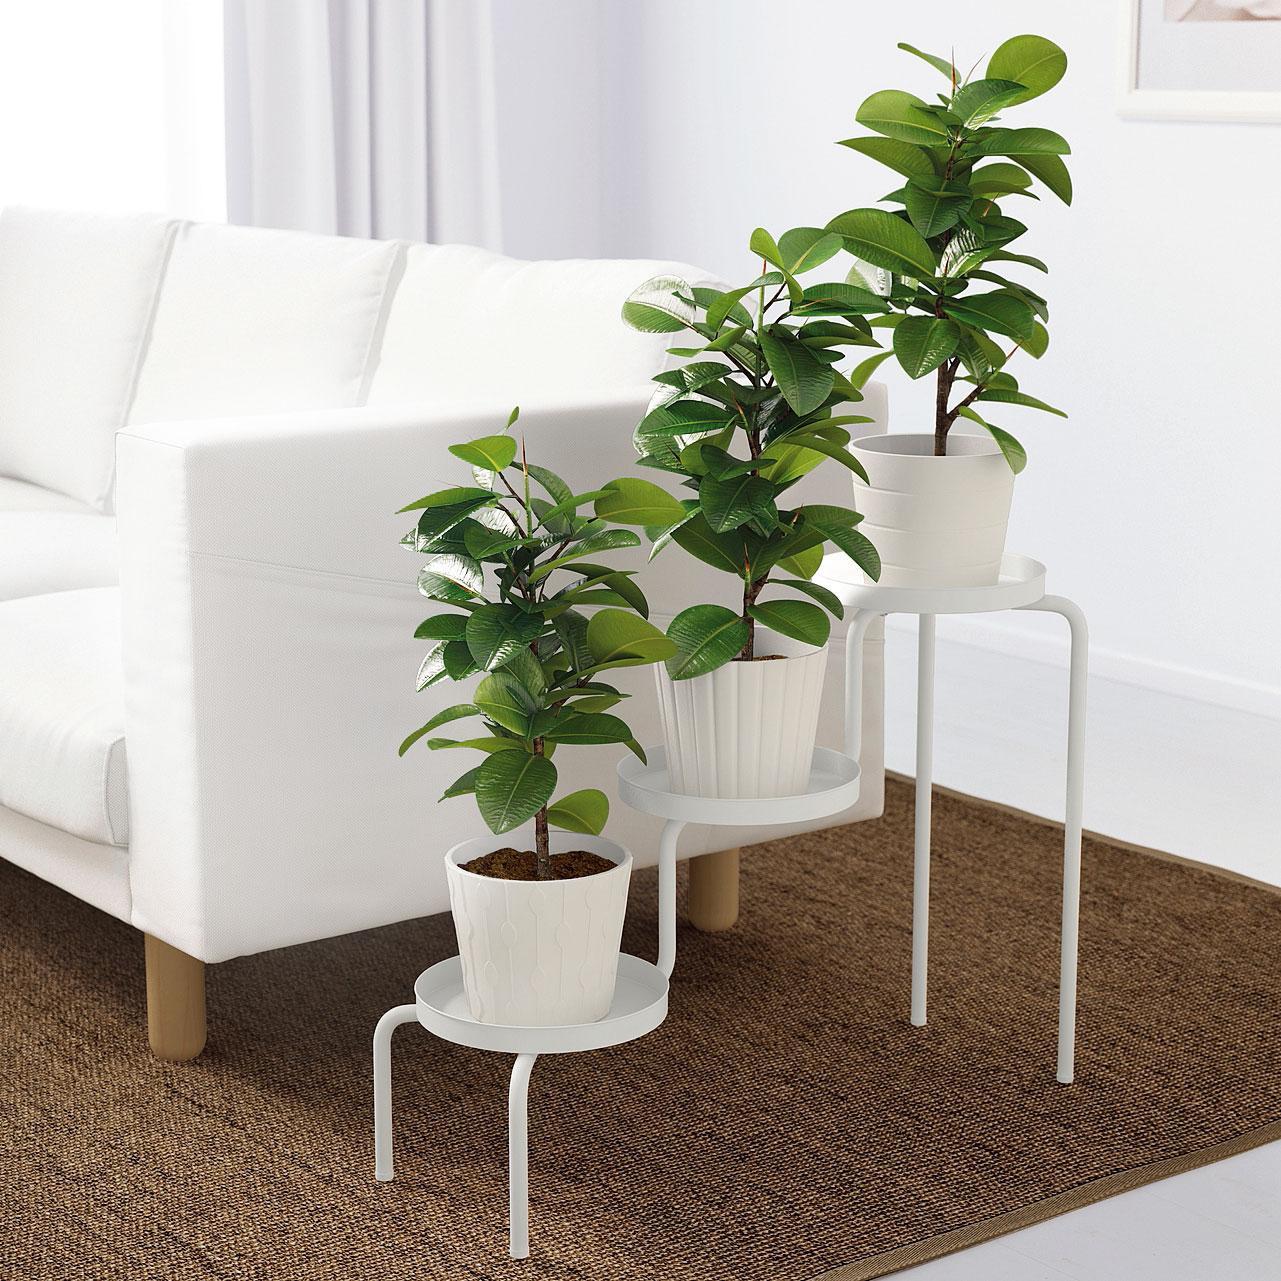 Portavasi per le piante in casa idee per arredare interni for Portalegna da interno ikea